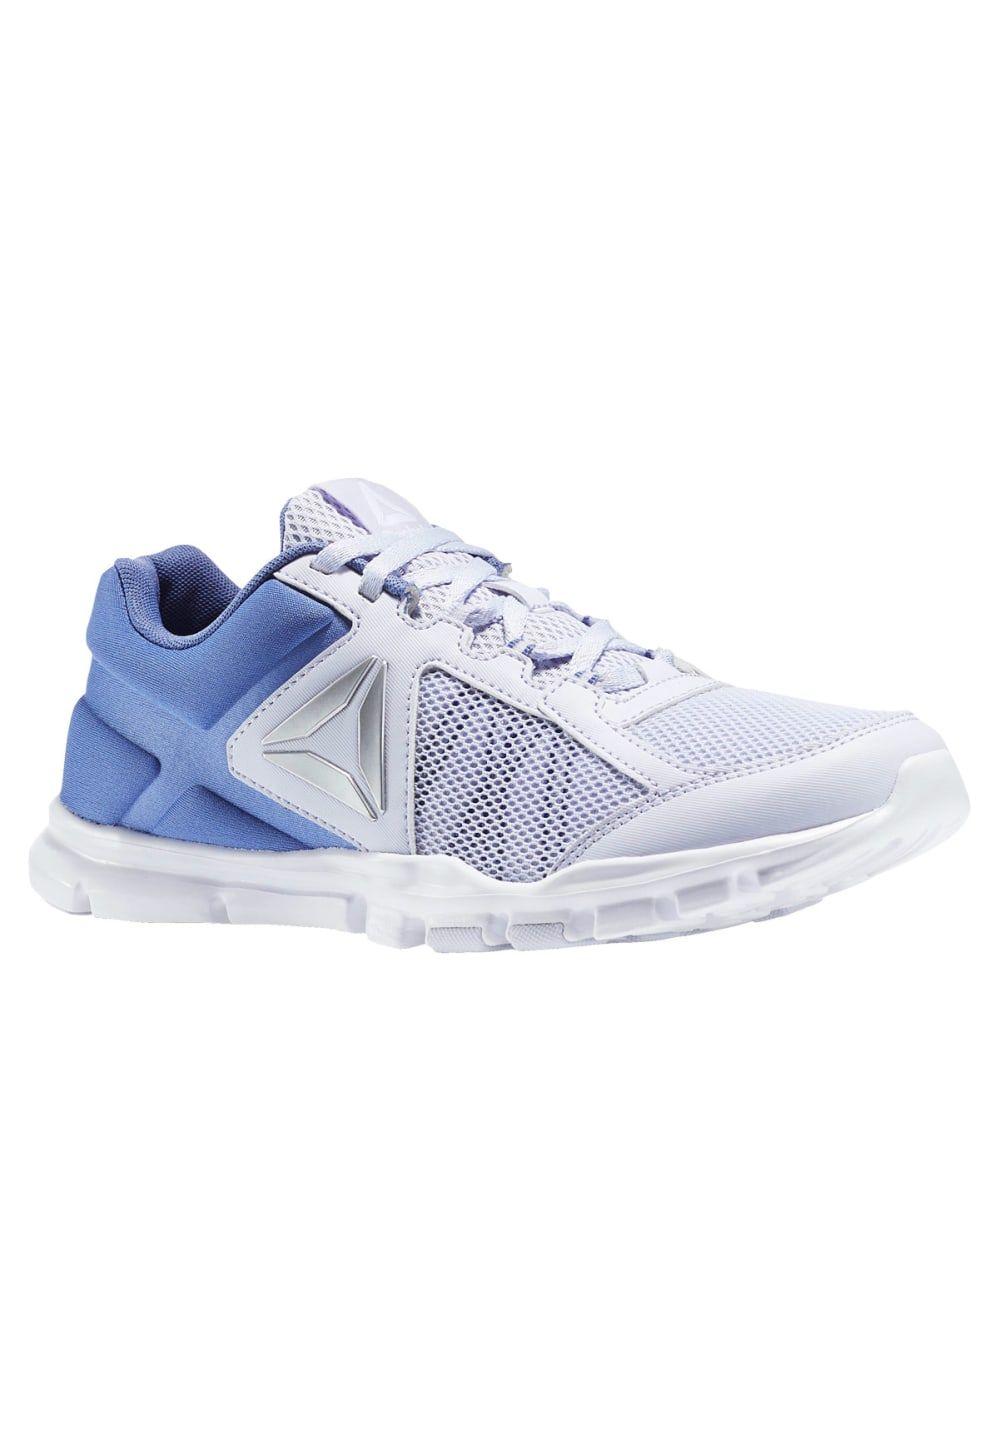 Reebok Yourflex Trainette 9.0 MT - Chaussures fitness pour Femme - Blanc 18bc942d8b9